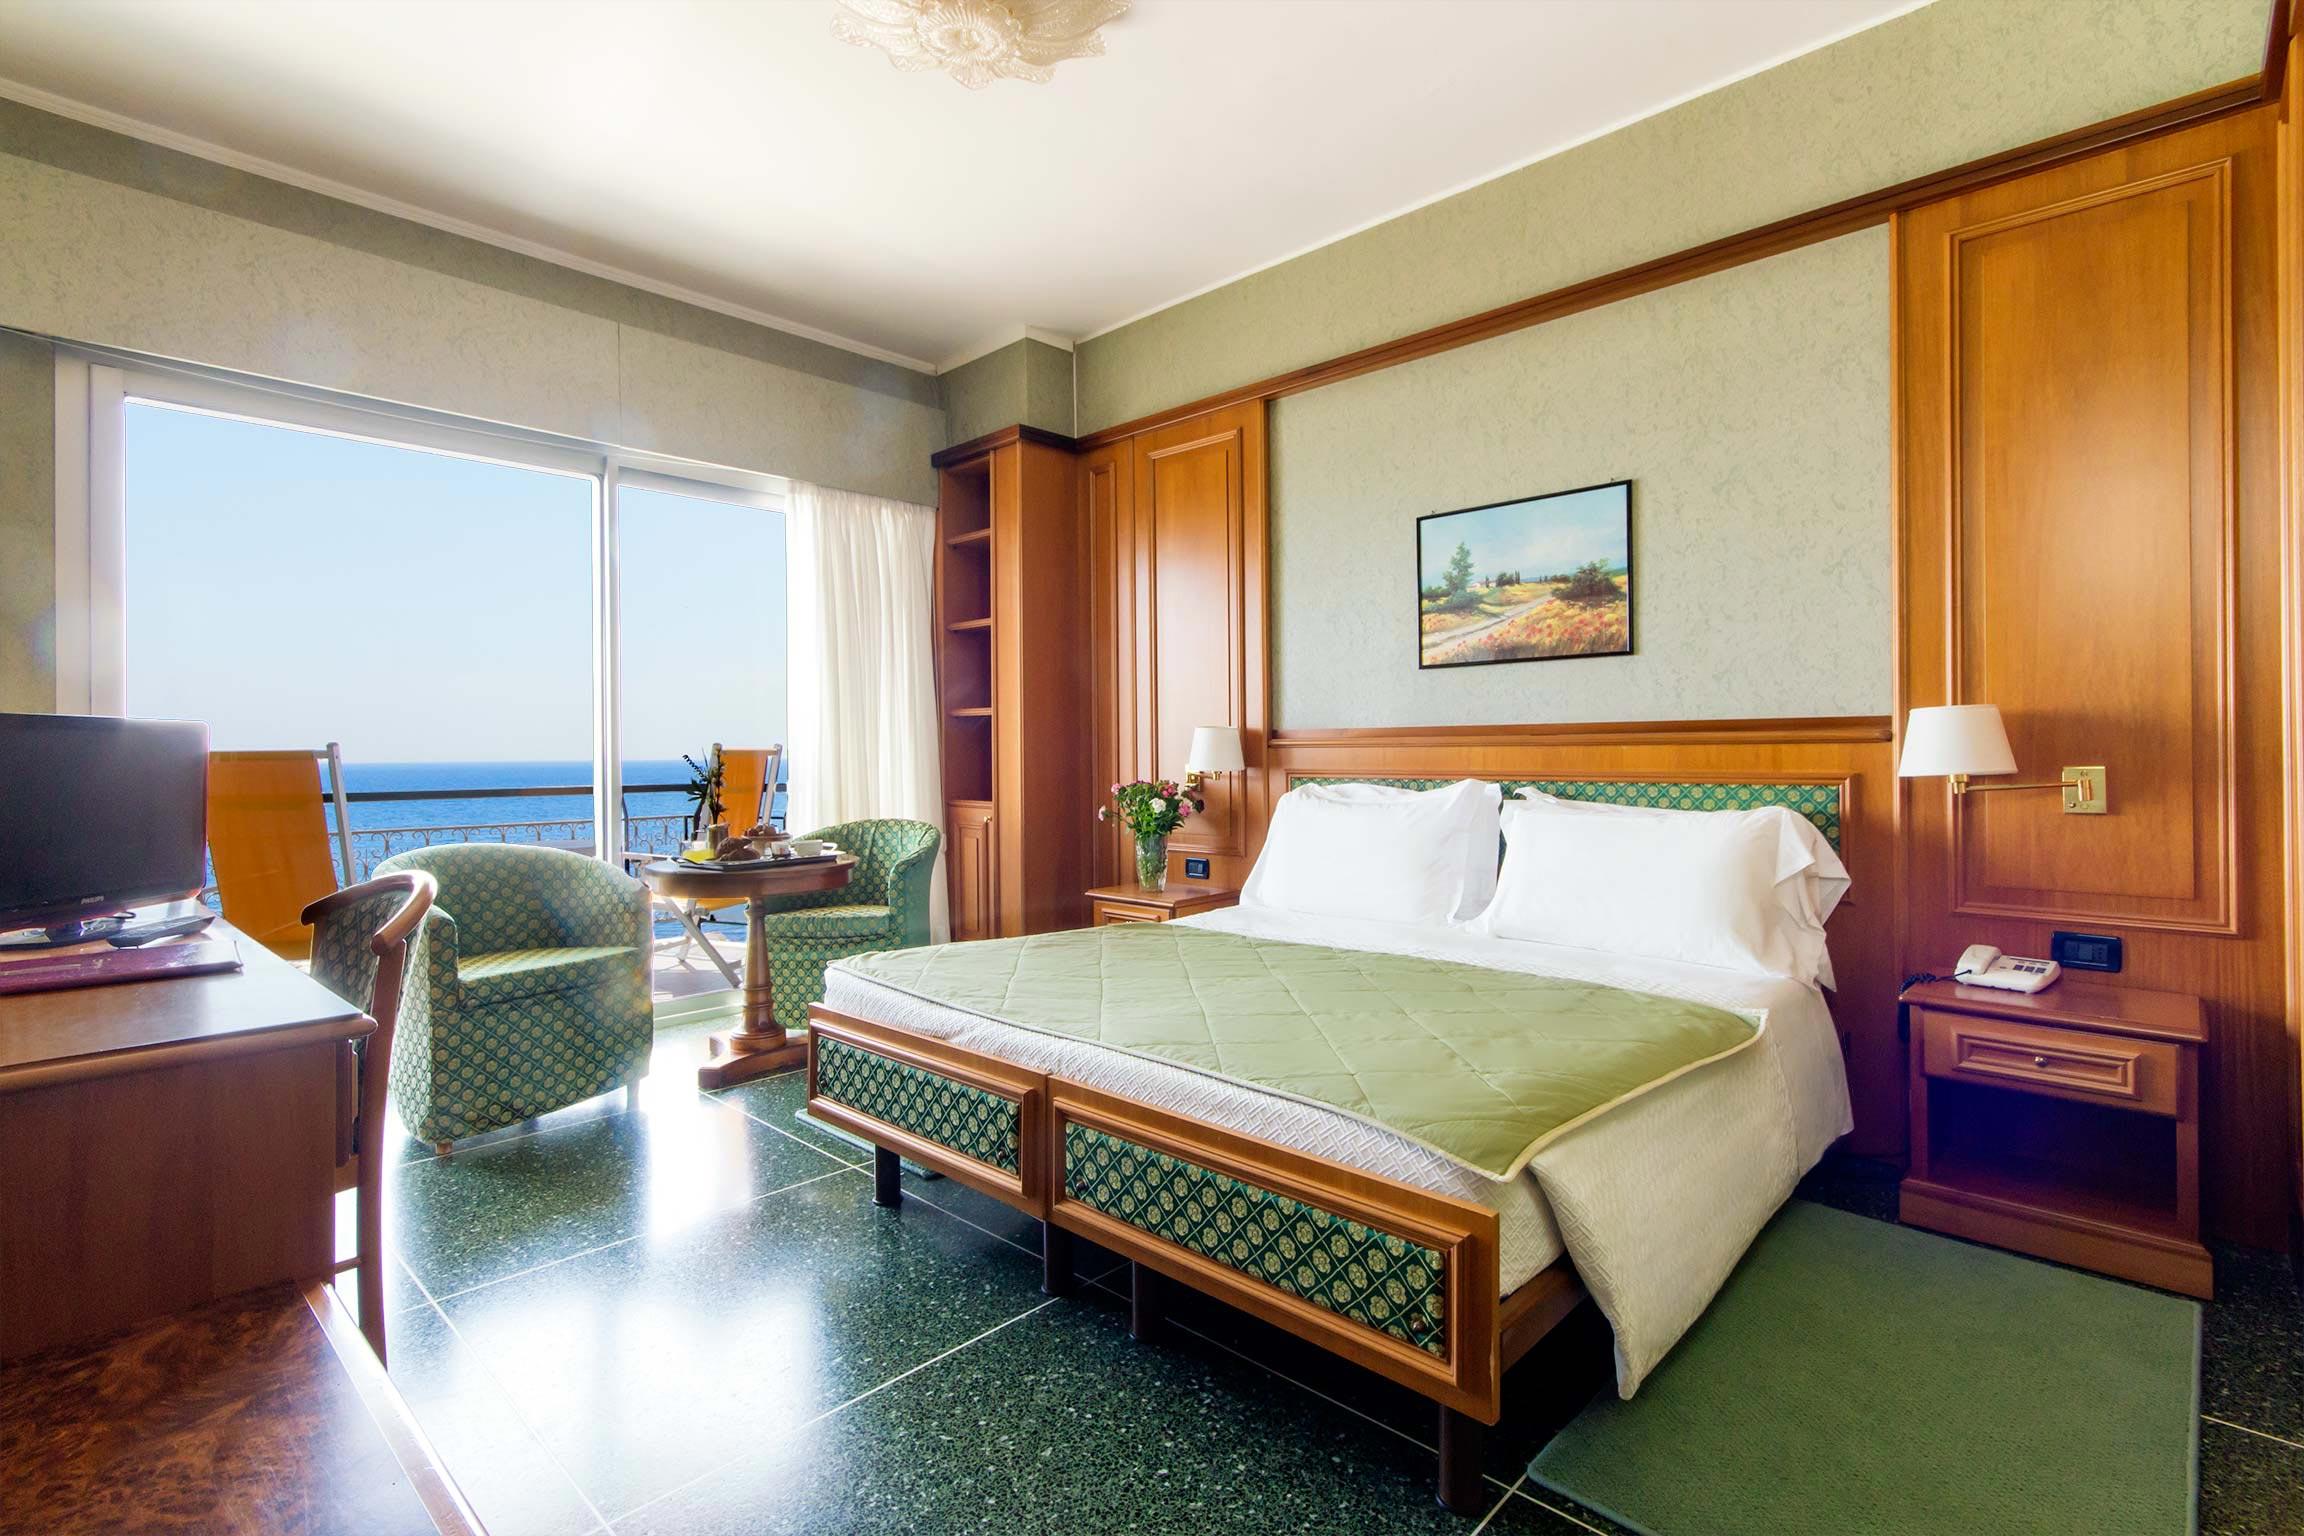 camere hotel diano marina - doppia superior con balcone